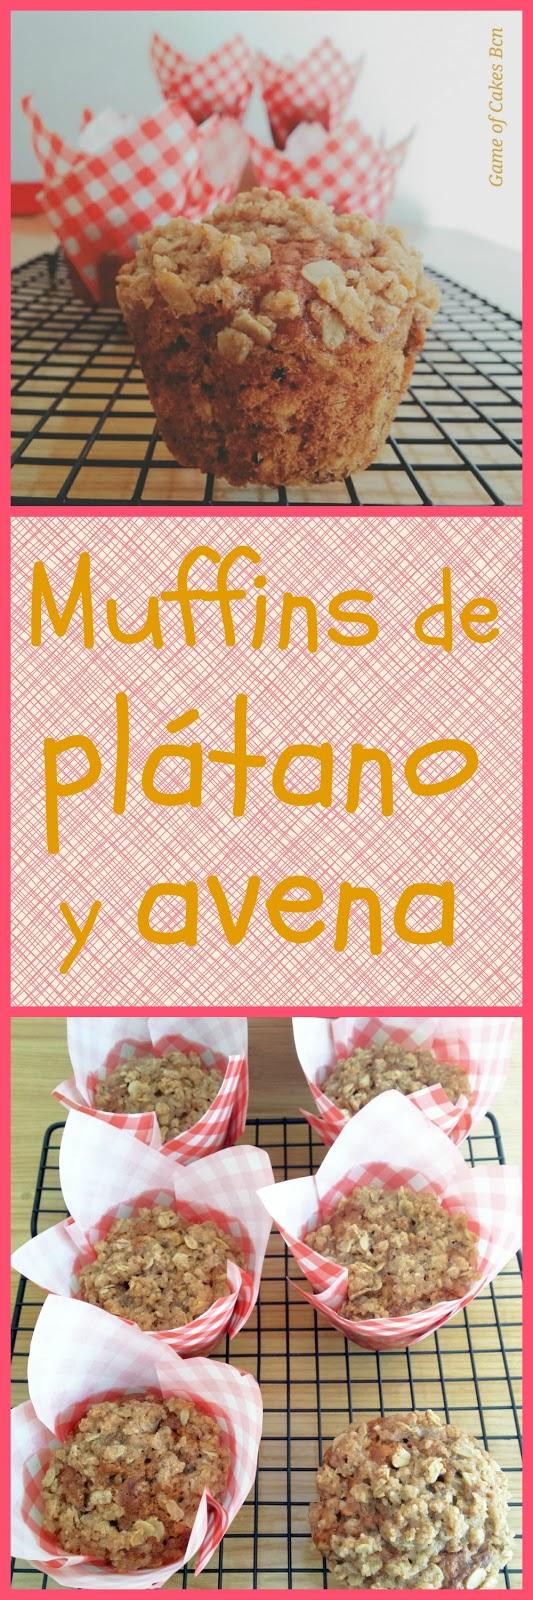 Muffins de plátano y avena con streusel de avena. Game Of Cakes Bcn